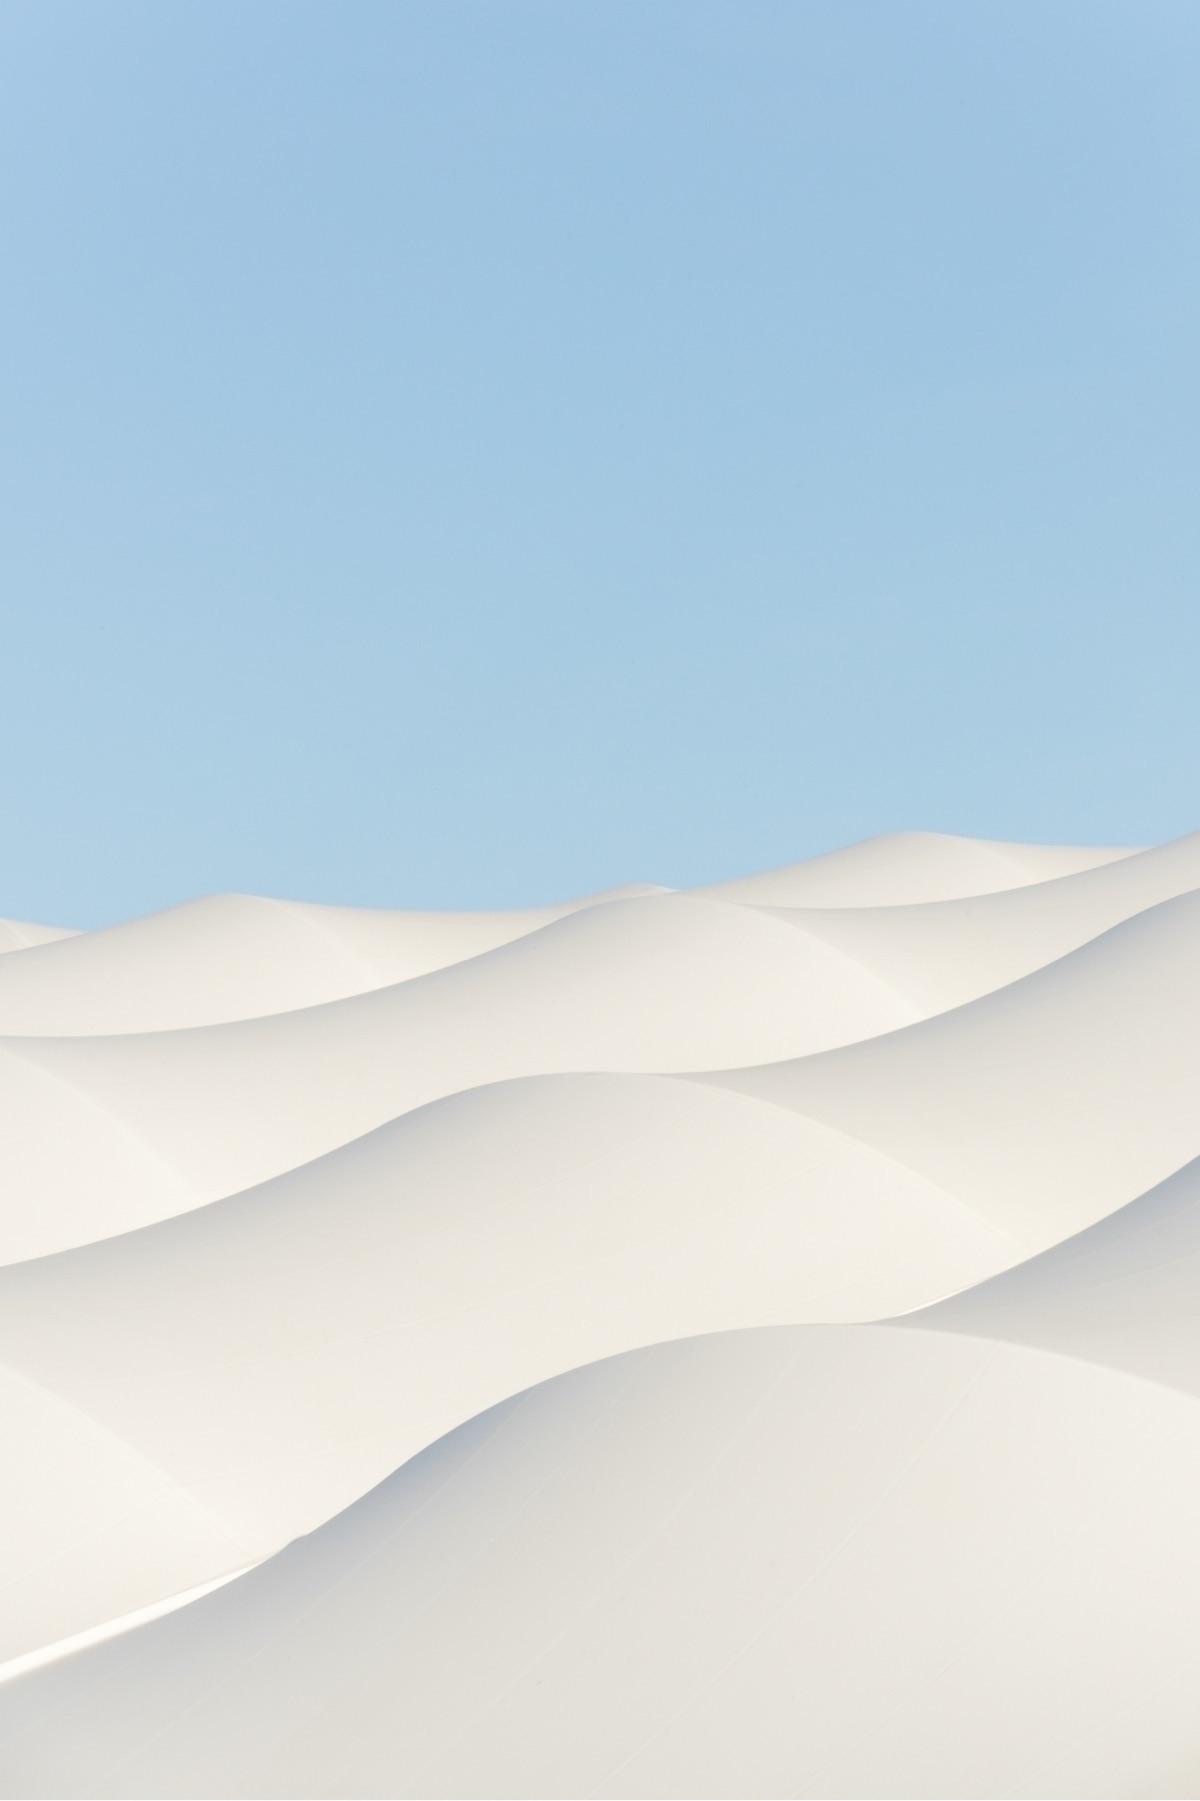 Open Spaces – Jonny Greenwood - minimal - oliviermorisse   ello